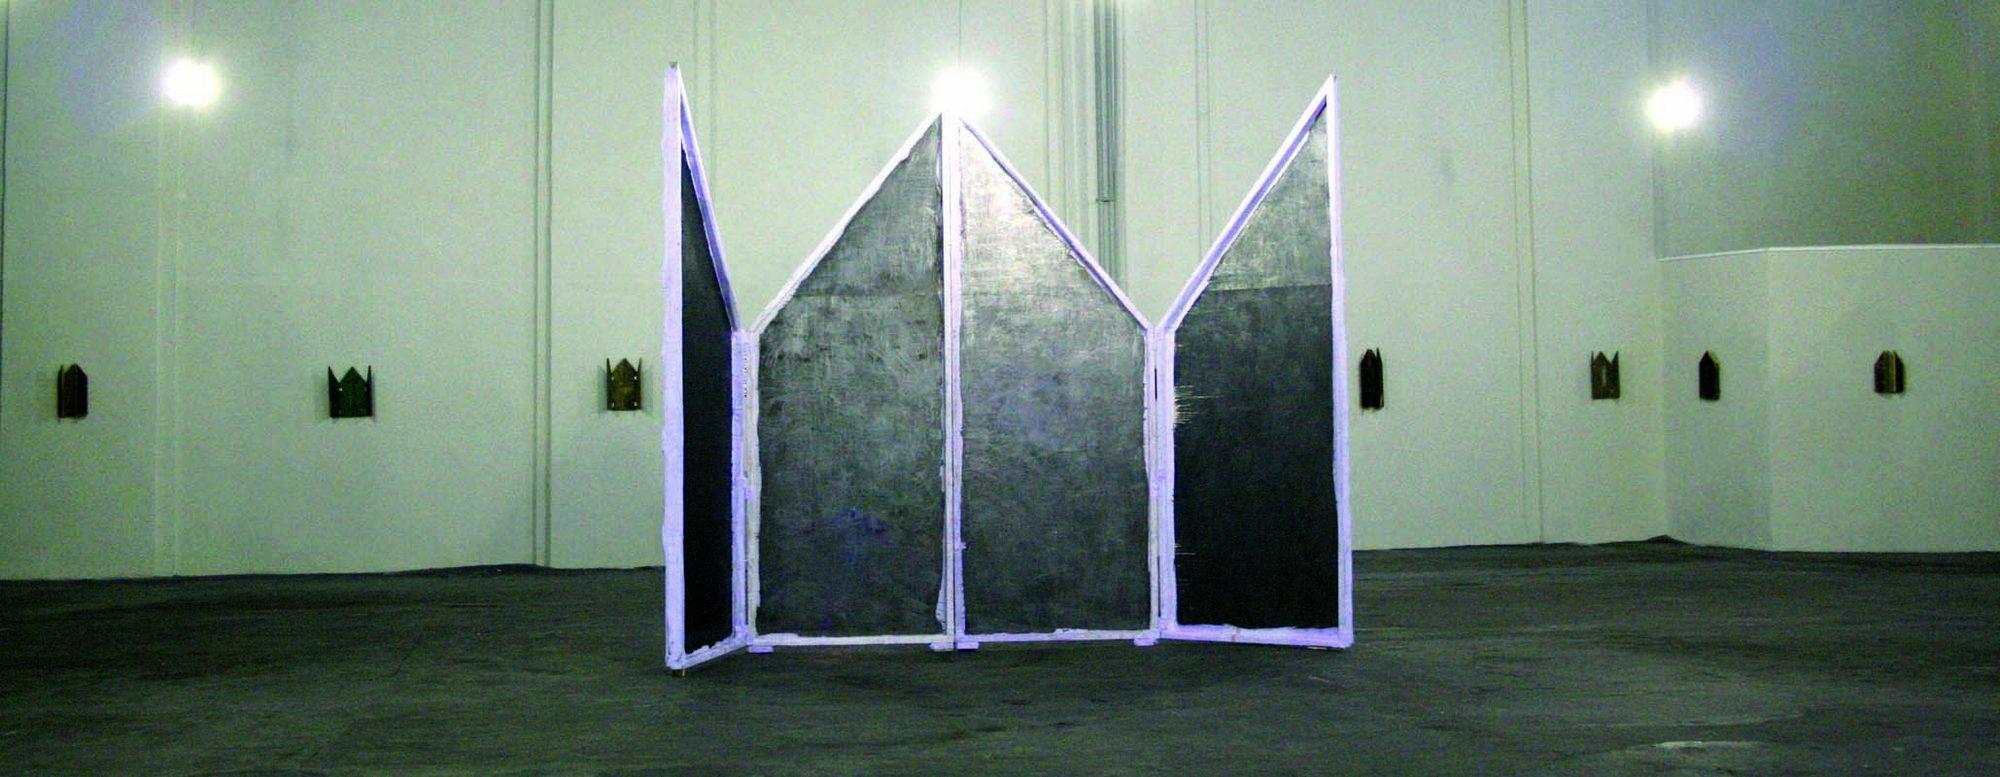 """Michał Klasik, """"Retambulum"""", rzeźba, obiekt, polichromia, materiał, grafit, 4 x 3 x 1,5 m, 2014 (źródło: materiały prasowe)"""